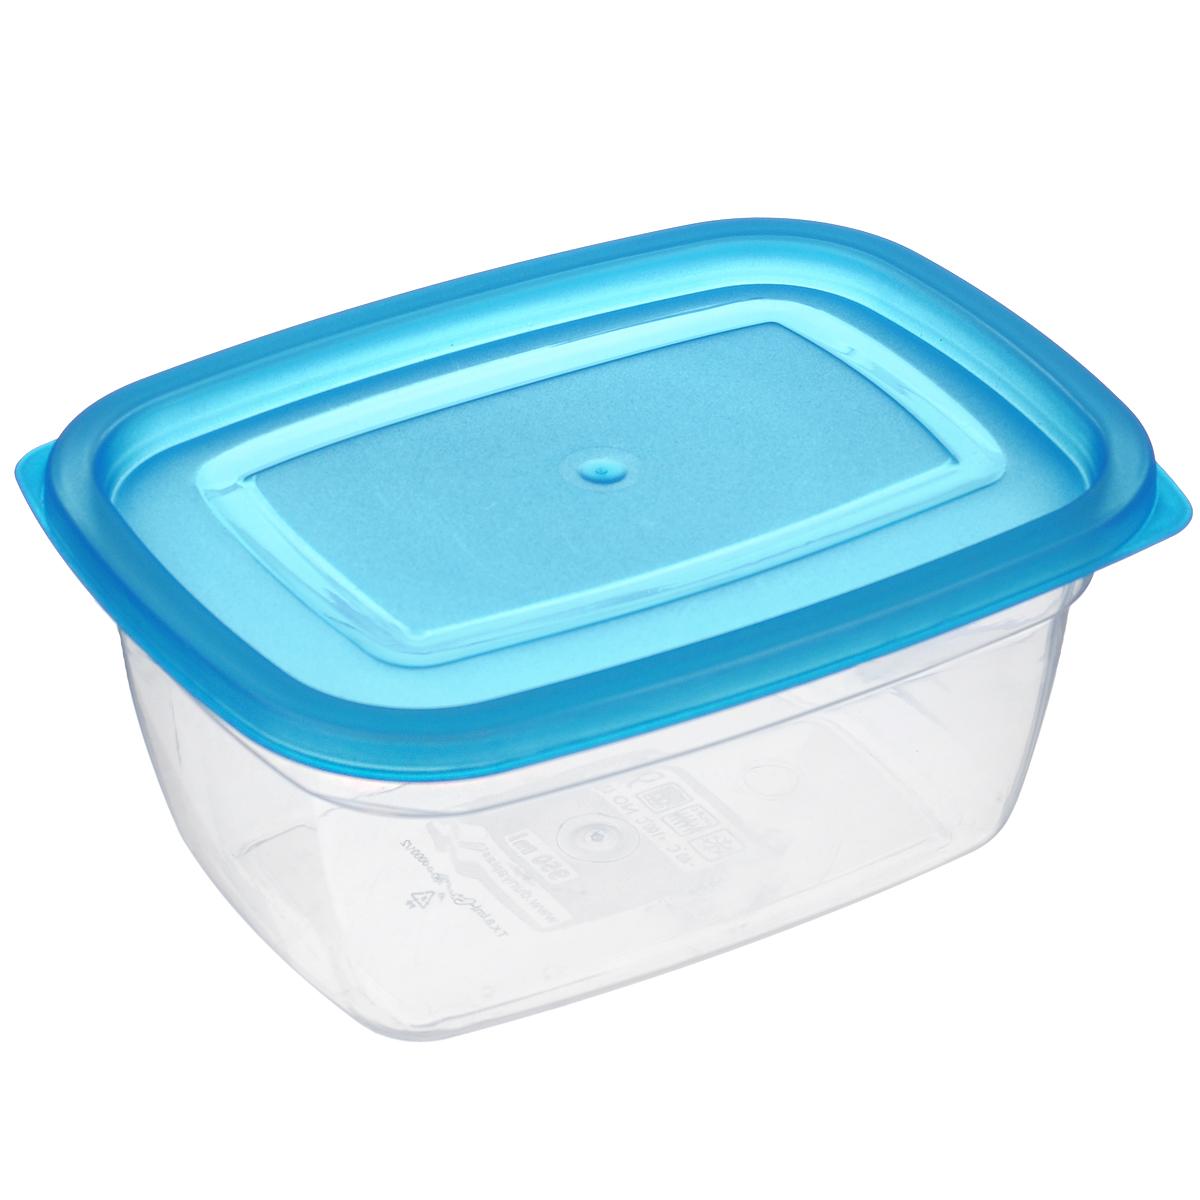 Контейнер Dunya Plastik, цвет: голубой, 0,95 л30082 голубойКонтейнер Dunya Plastik изготовлен из высококачественного пищевого пластика, который выдерживает температуру от -40°С до +100°С. Контейнер безопасен для здоровья, не содержит BPA. Контейнер имеет прямоугольную форму и оснащен плотно закрывающейся крышкой. Изделие подходит для контакта с пищевыми продуктами. Можно мыть в посудомоечной машине. Размер контейнера (с учетом крышки): 17 см х 12,5 см х 7,5 см.